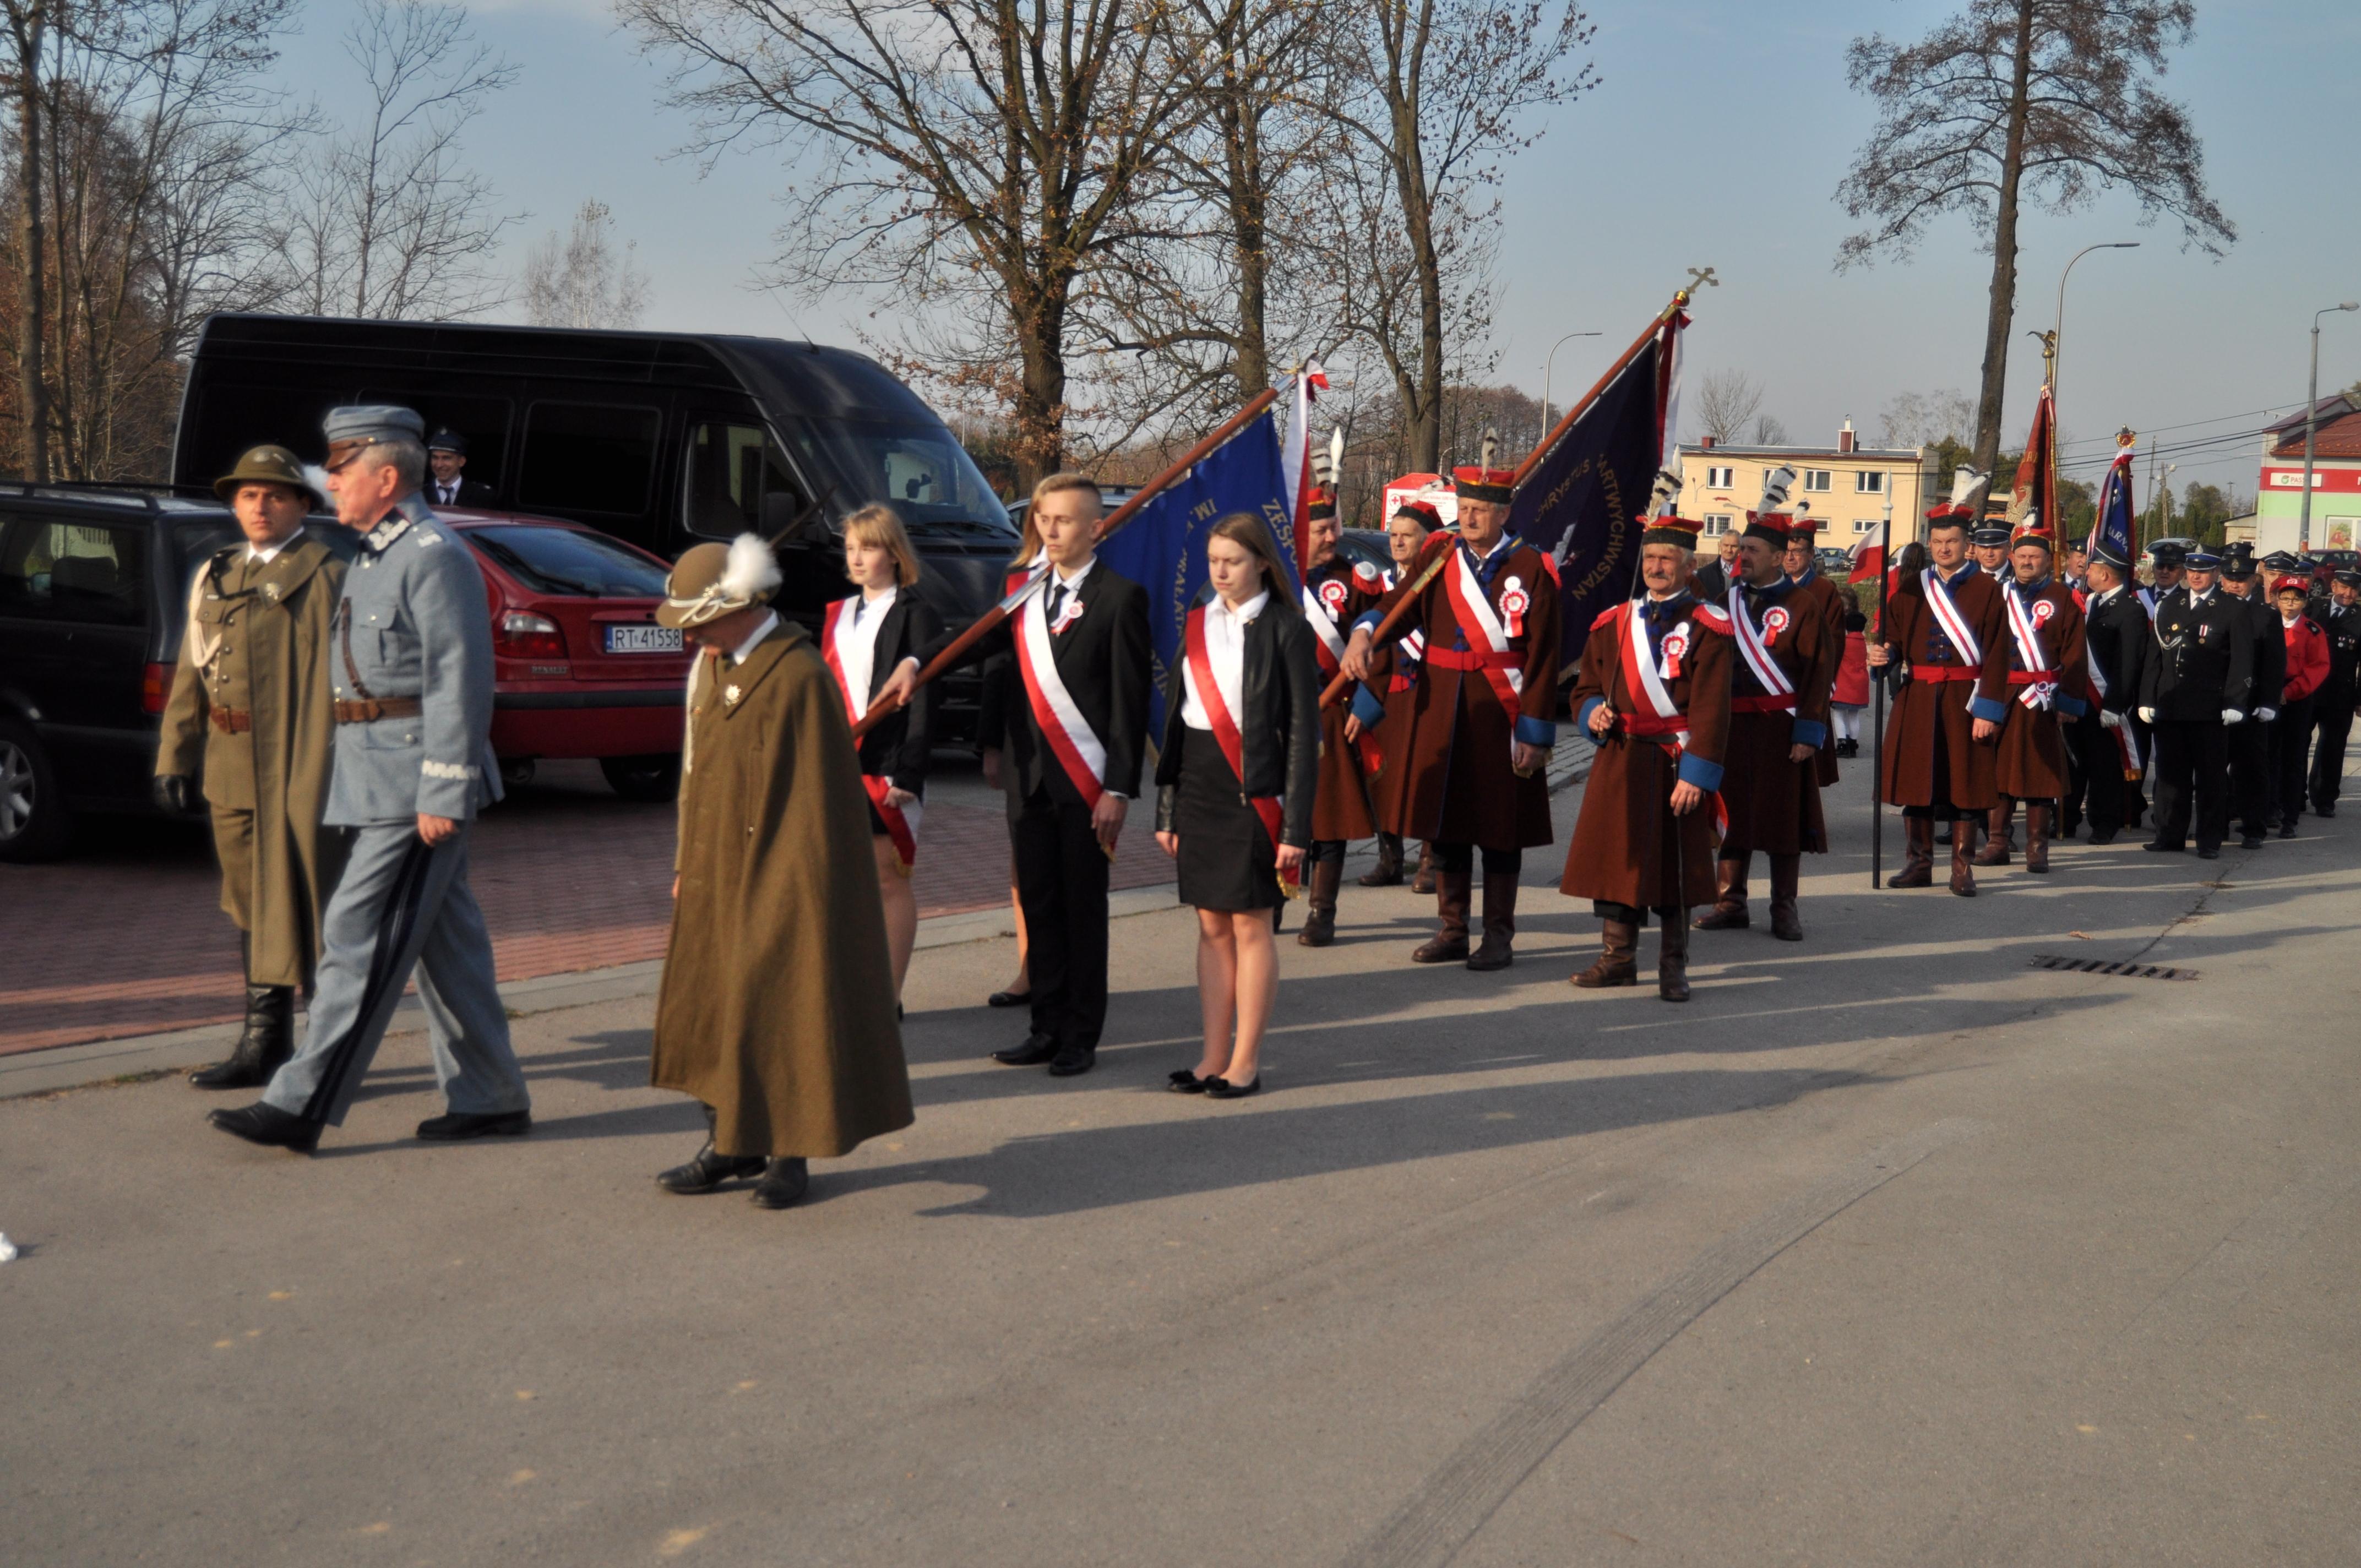 Obchody 100. rocznicy odzyskania niepodległości w Dzikowcu. Przemarsz z Józefem Piłsudskim na czele [WIDEO] - Zdjęcie główne